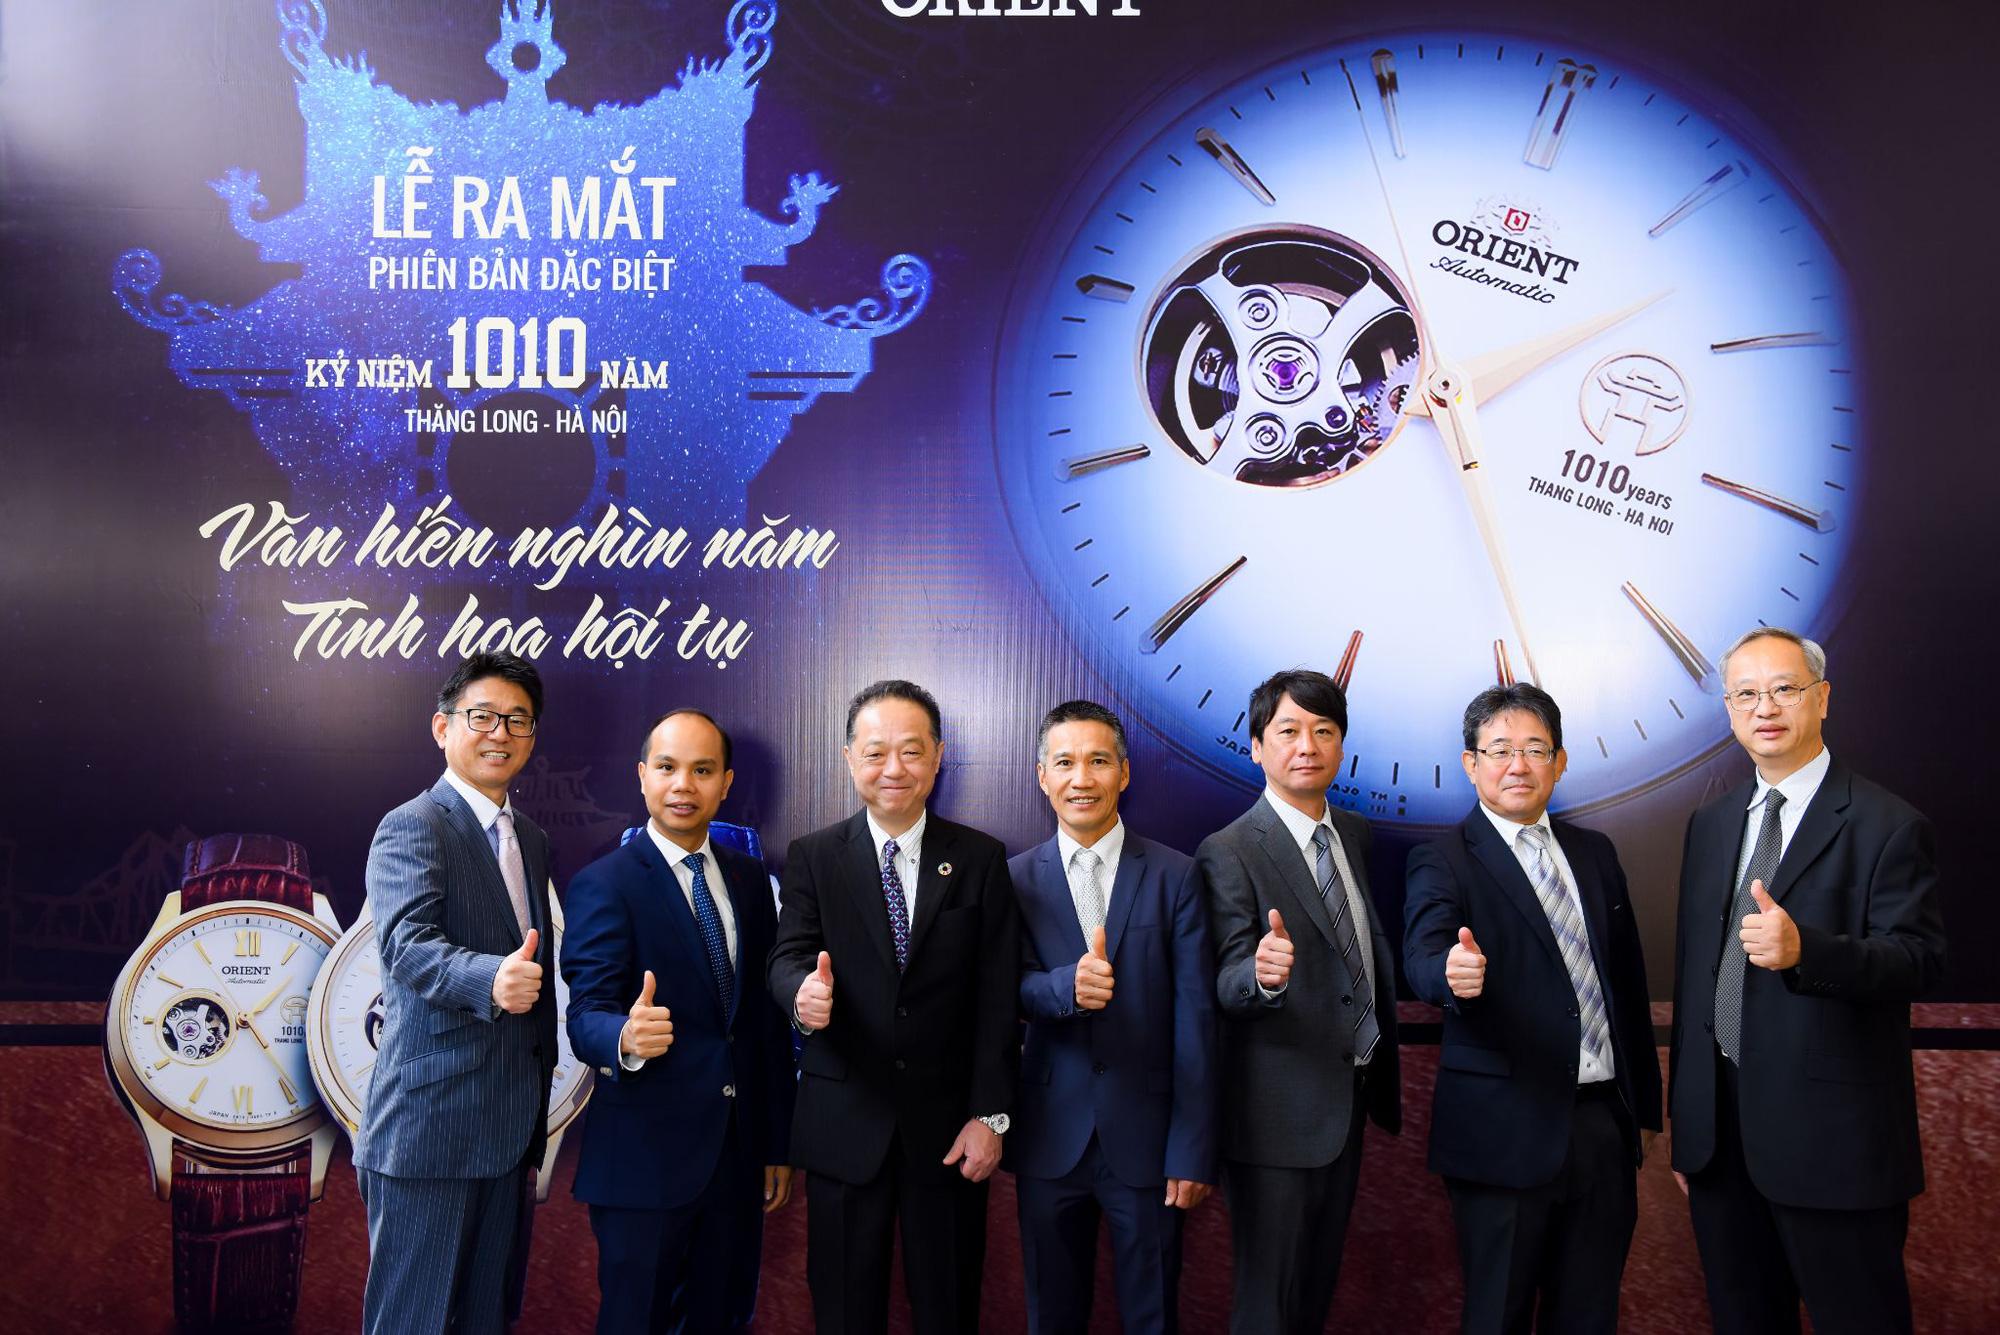 Orient và những mẫu đồng hồ dành riêng cho thị trường Việt - Ảnh 3.